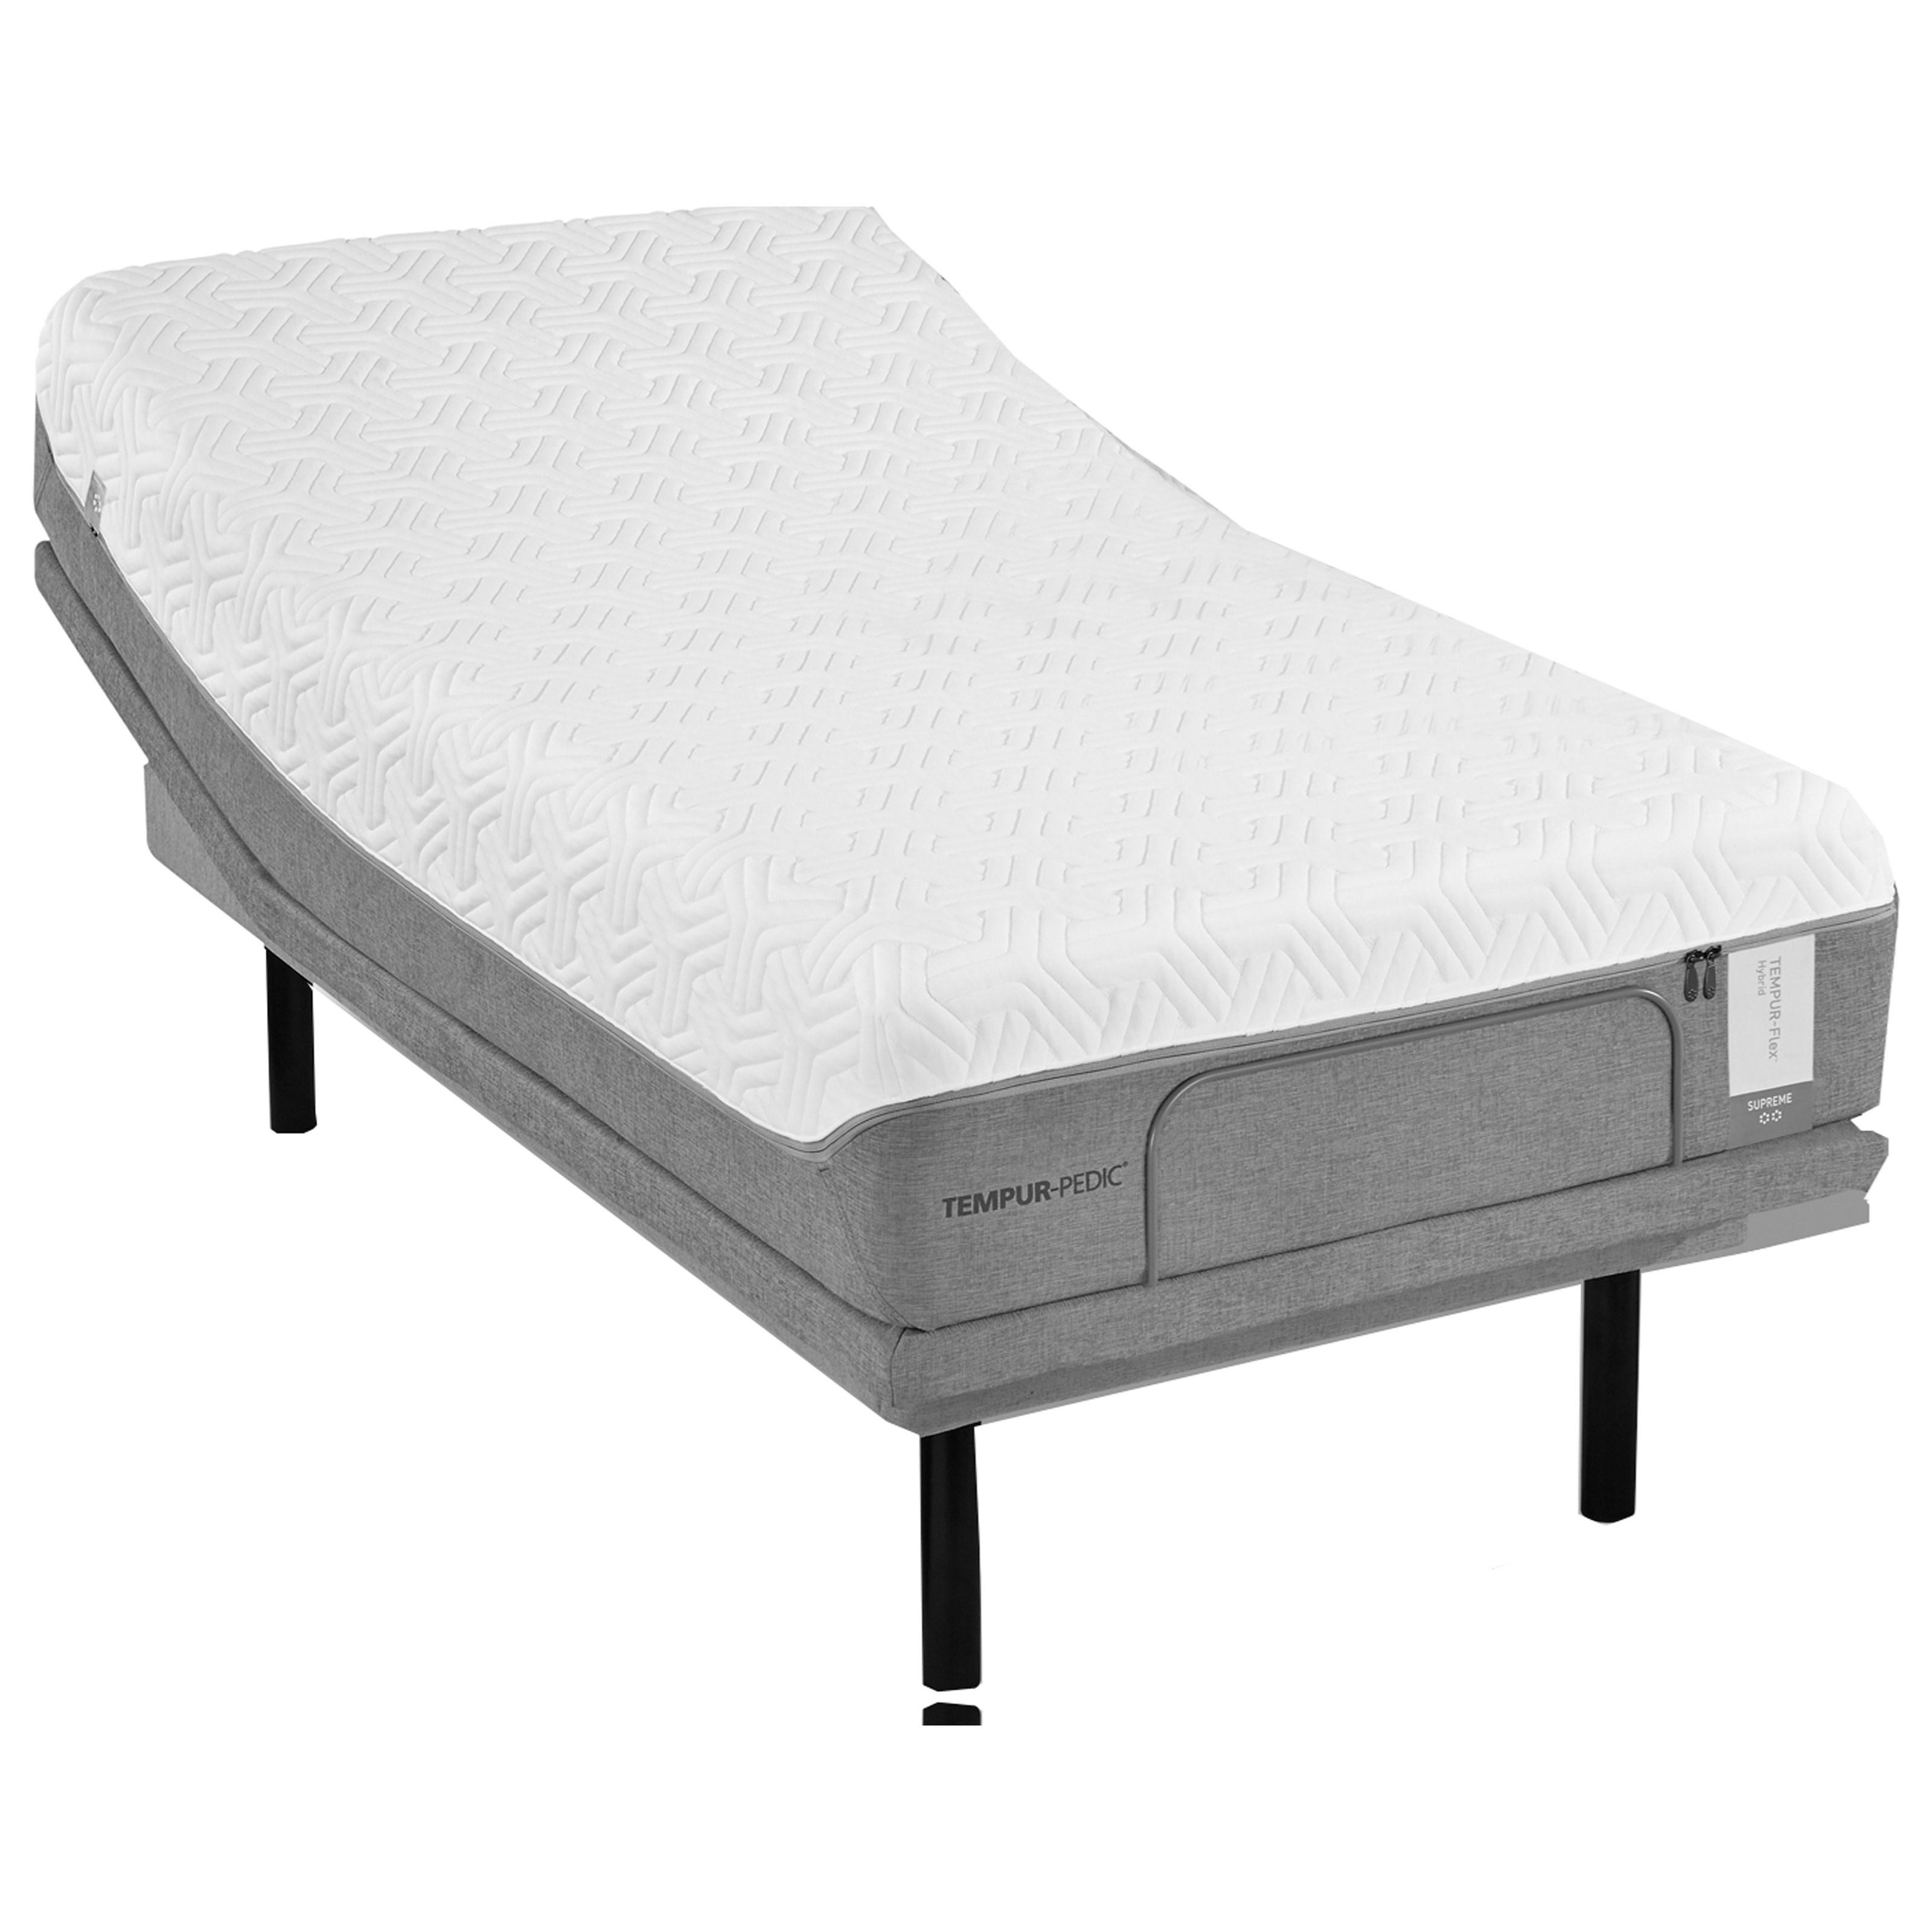 Tempur-Pedic® TEMPUR-Flex Elite Full Medium Soft Plush Mattress Set - Item Number: 10117130+25289230